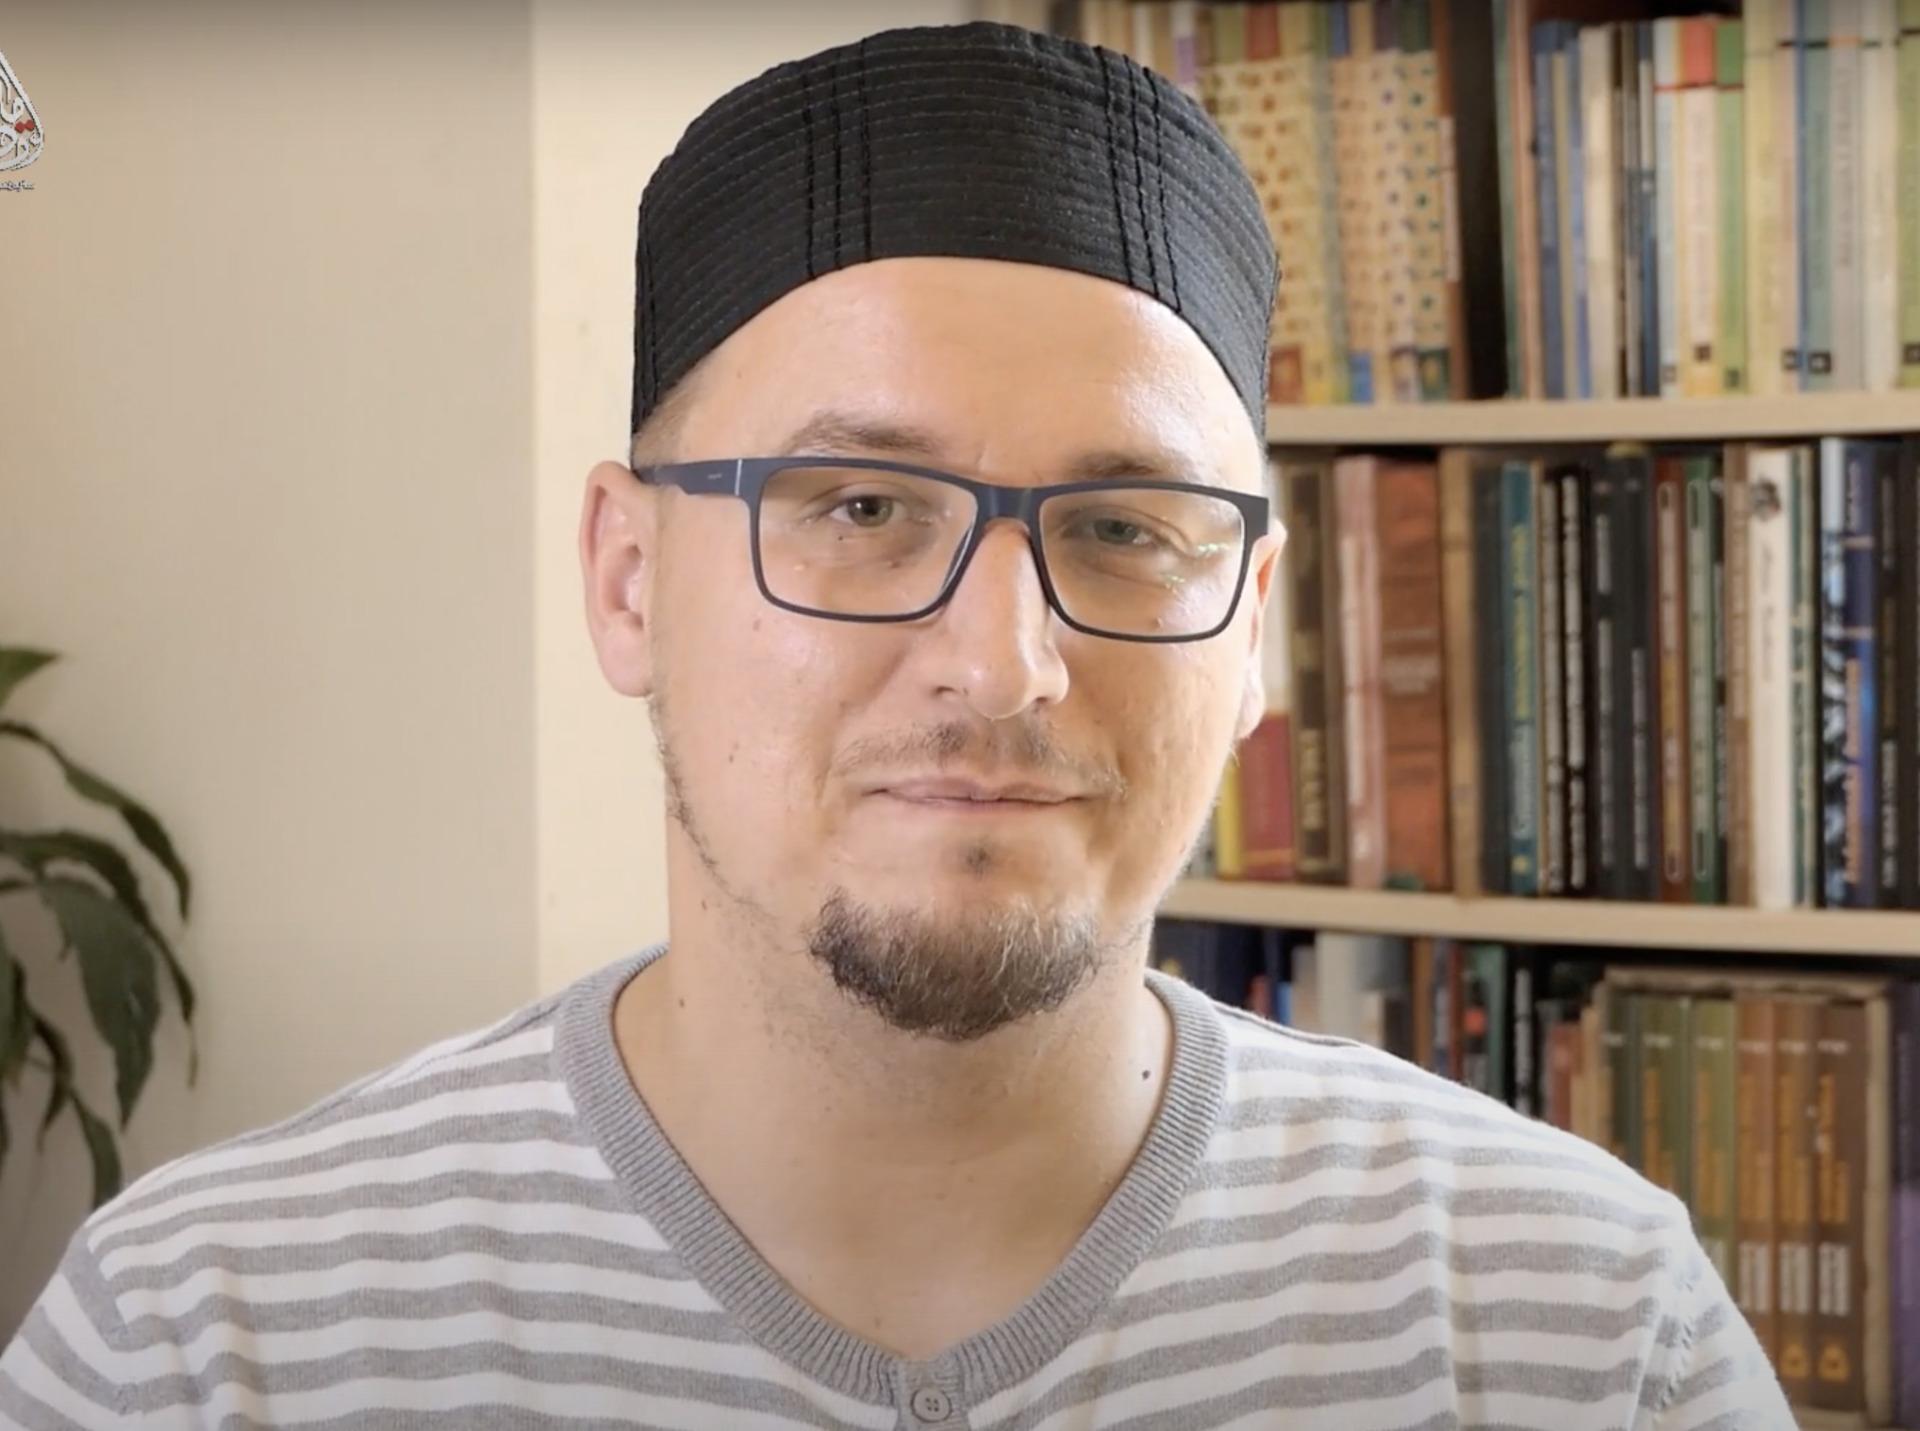 Sadmir Mustafić